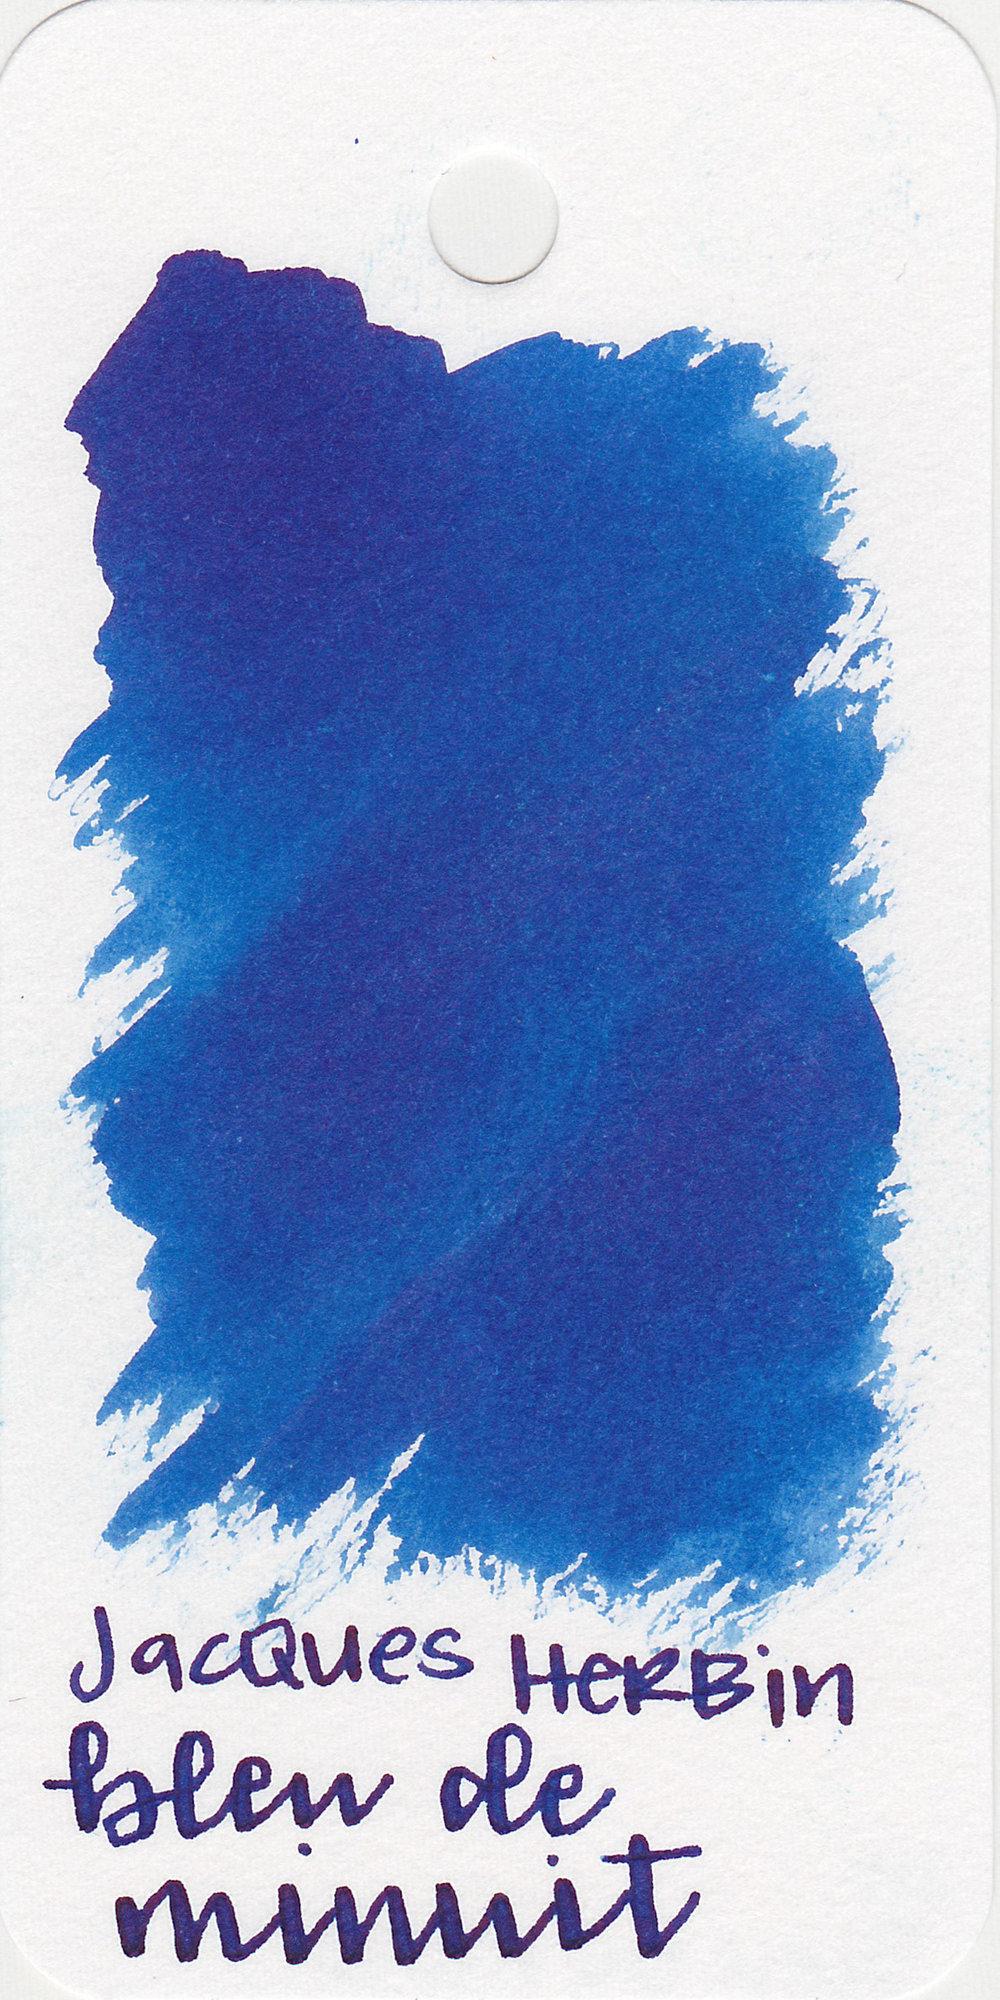 jh-bleu-de-minuit-1.jpg